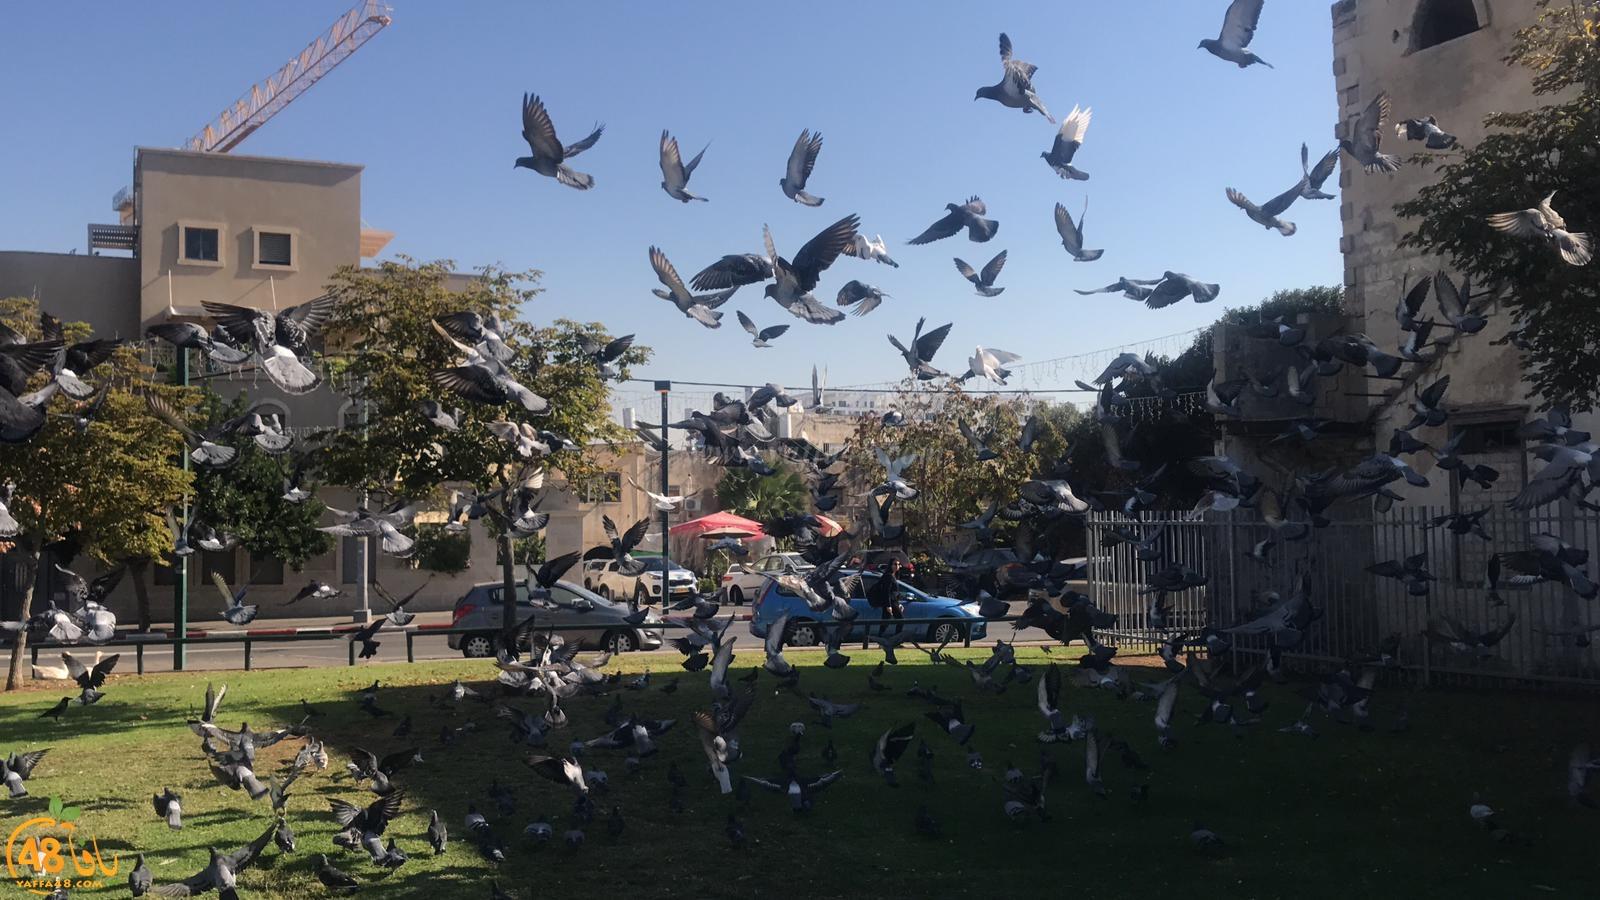 شاهد: لقطات رائعة لطيور الحمام في مدينة يافا